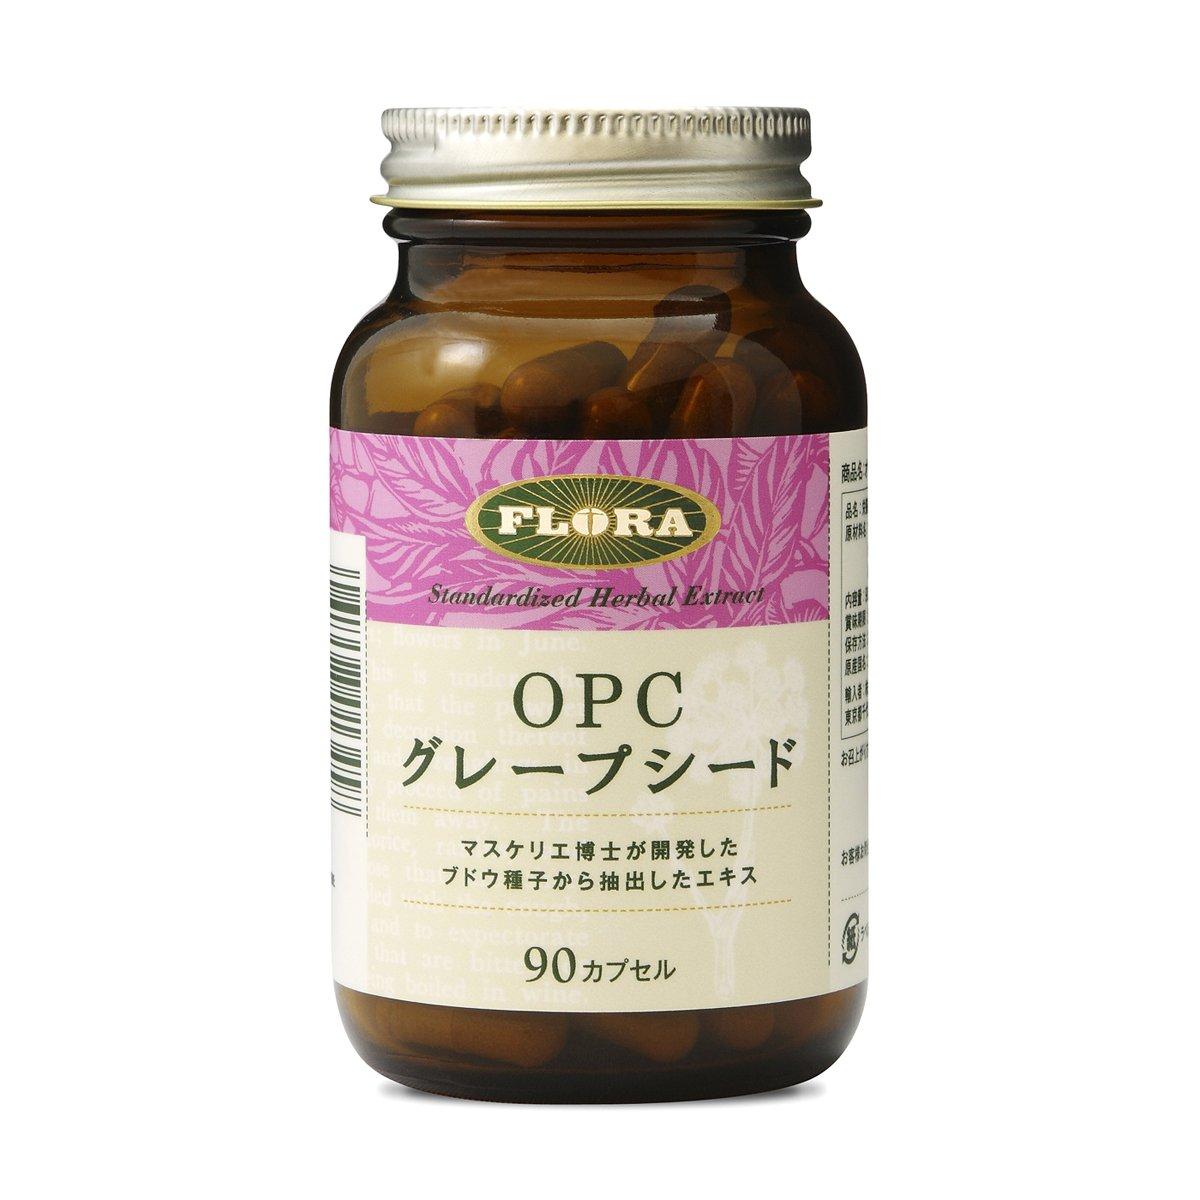 FLORA フローラ グレープシード含有サプリメント OPC Grape+ OPCグレープ+ 90カプセル B077ZM4MWL